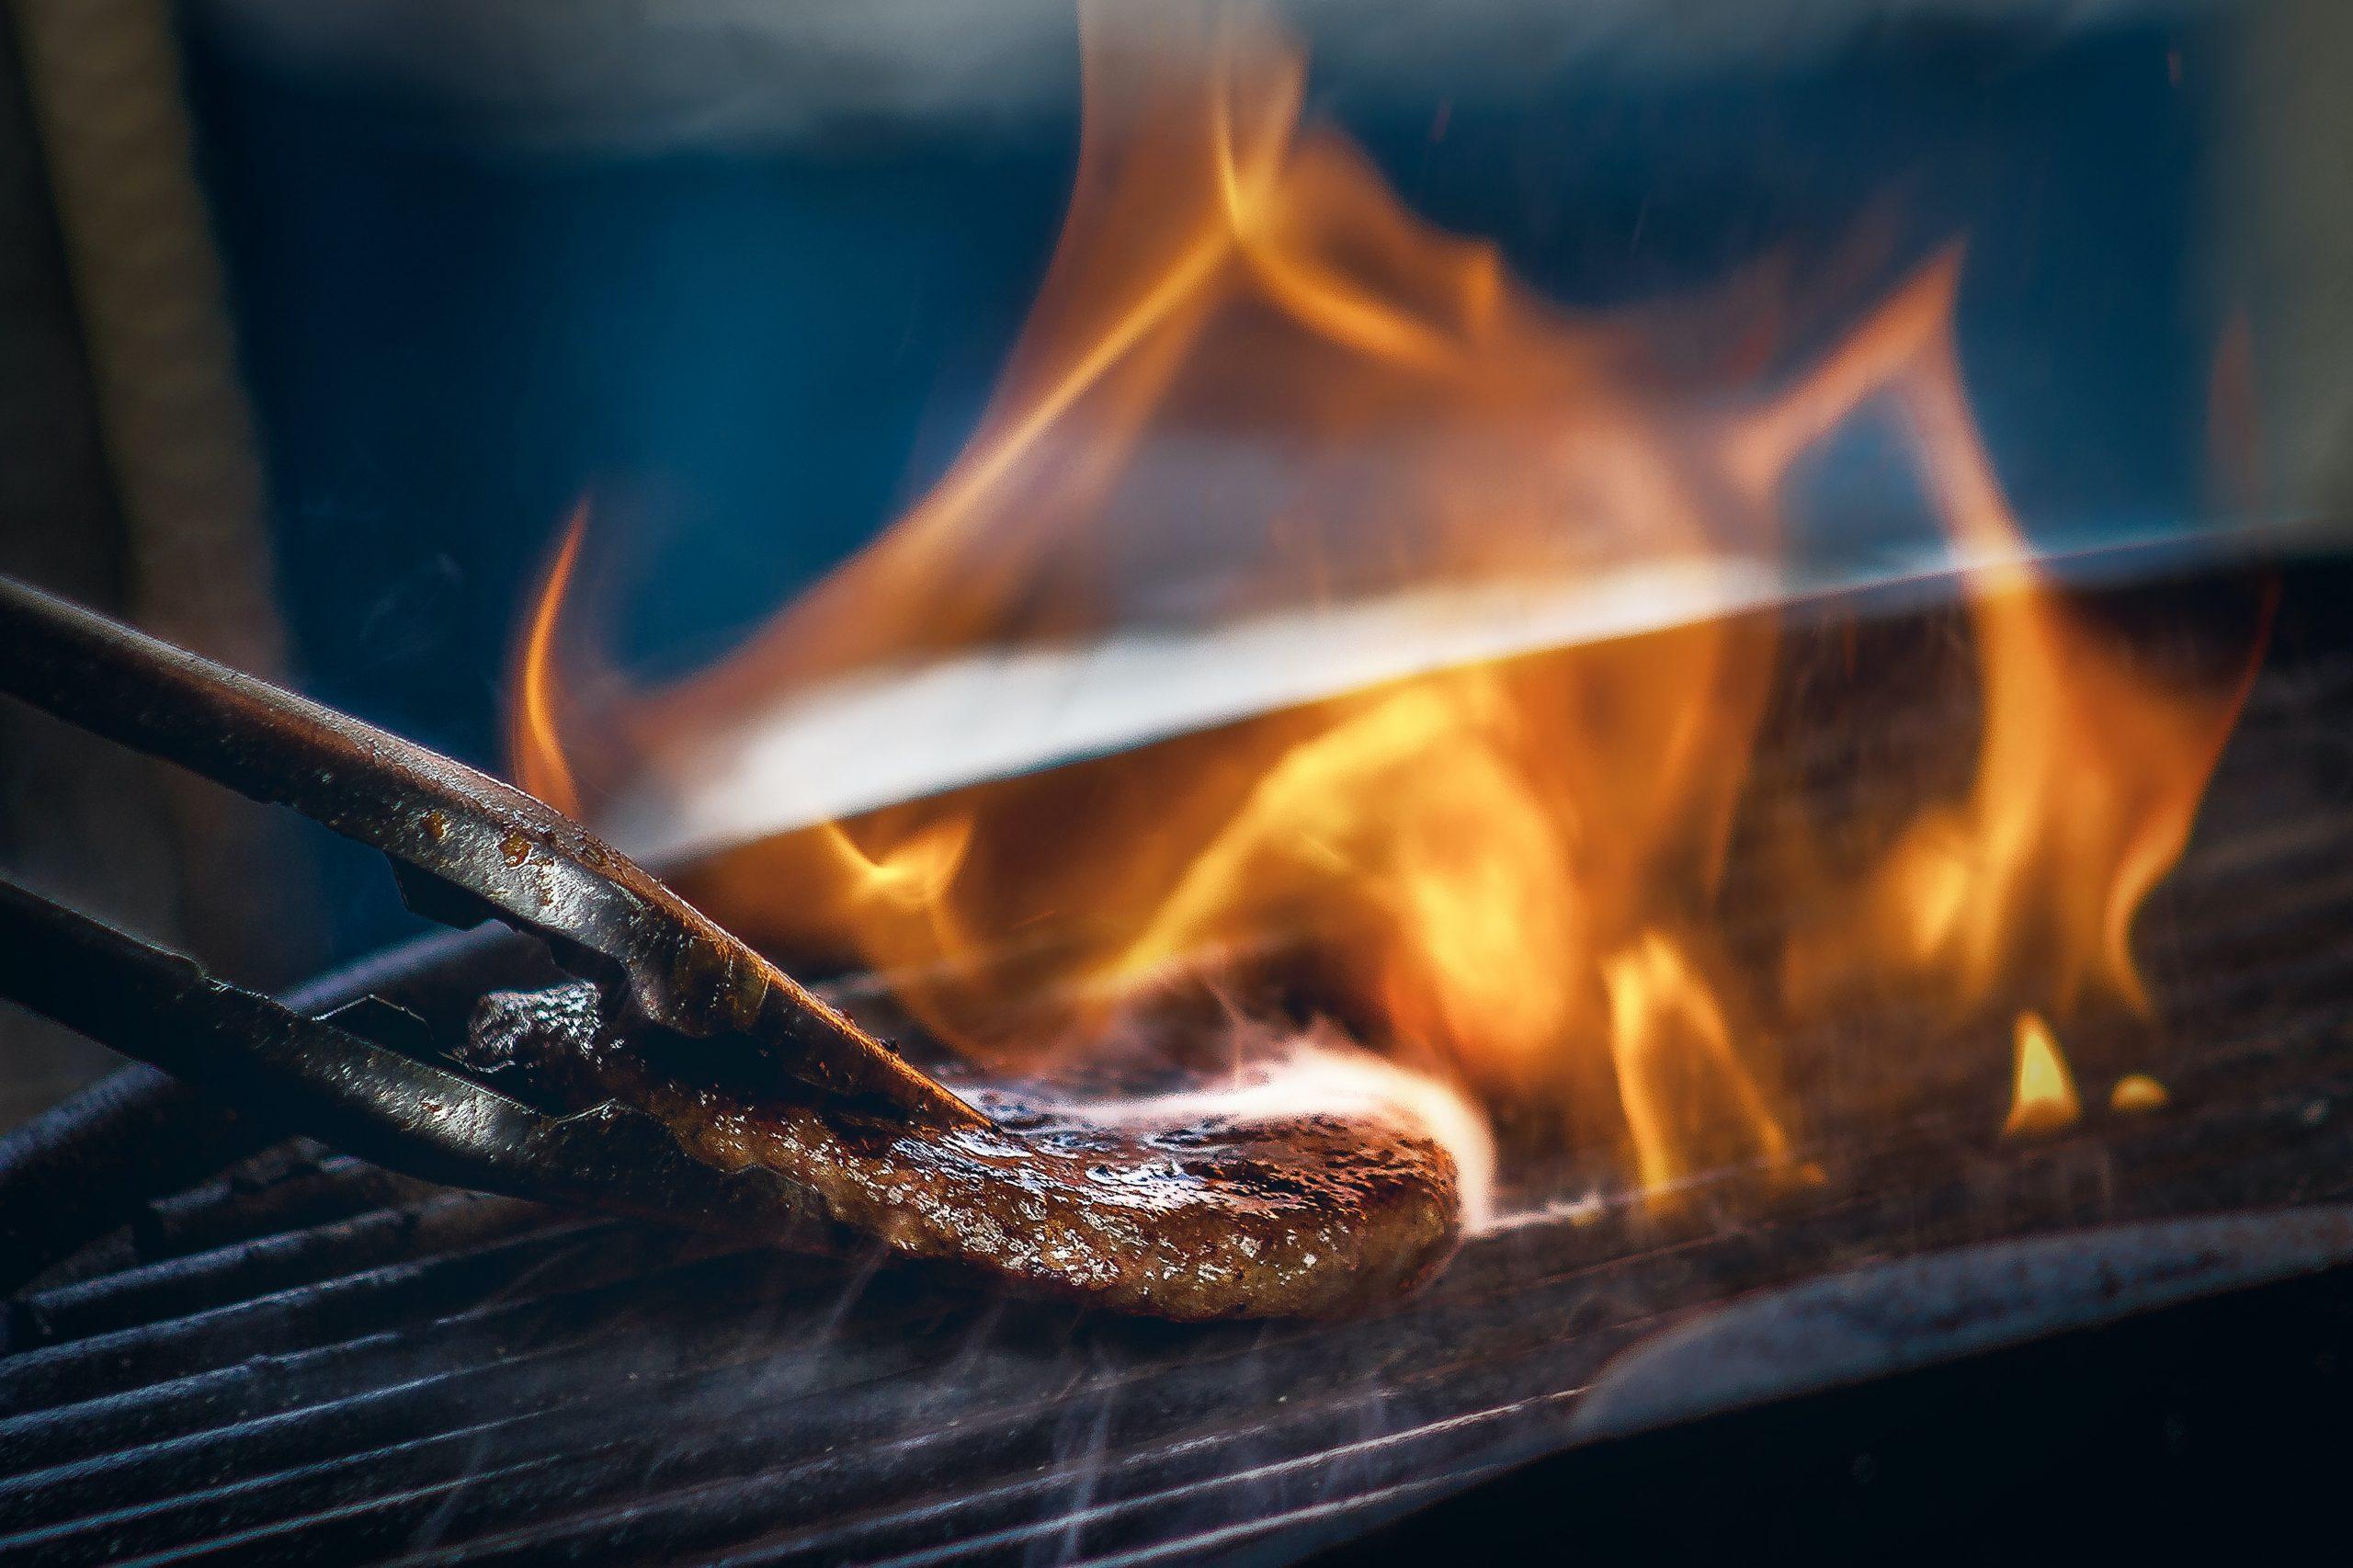 13 augusti: Grillkurs - lär dig grilla av en grillmästare!